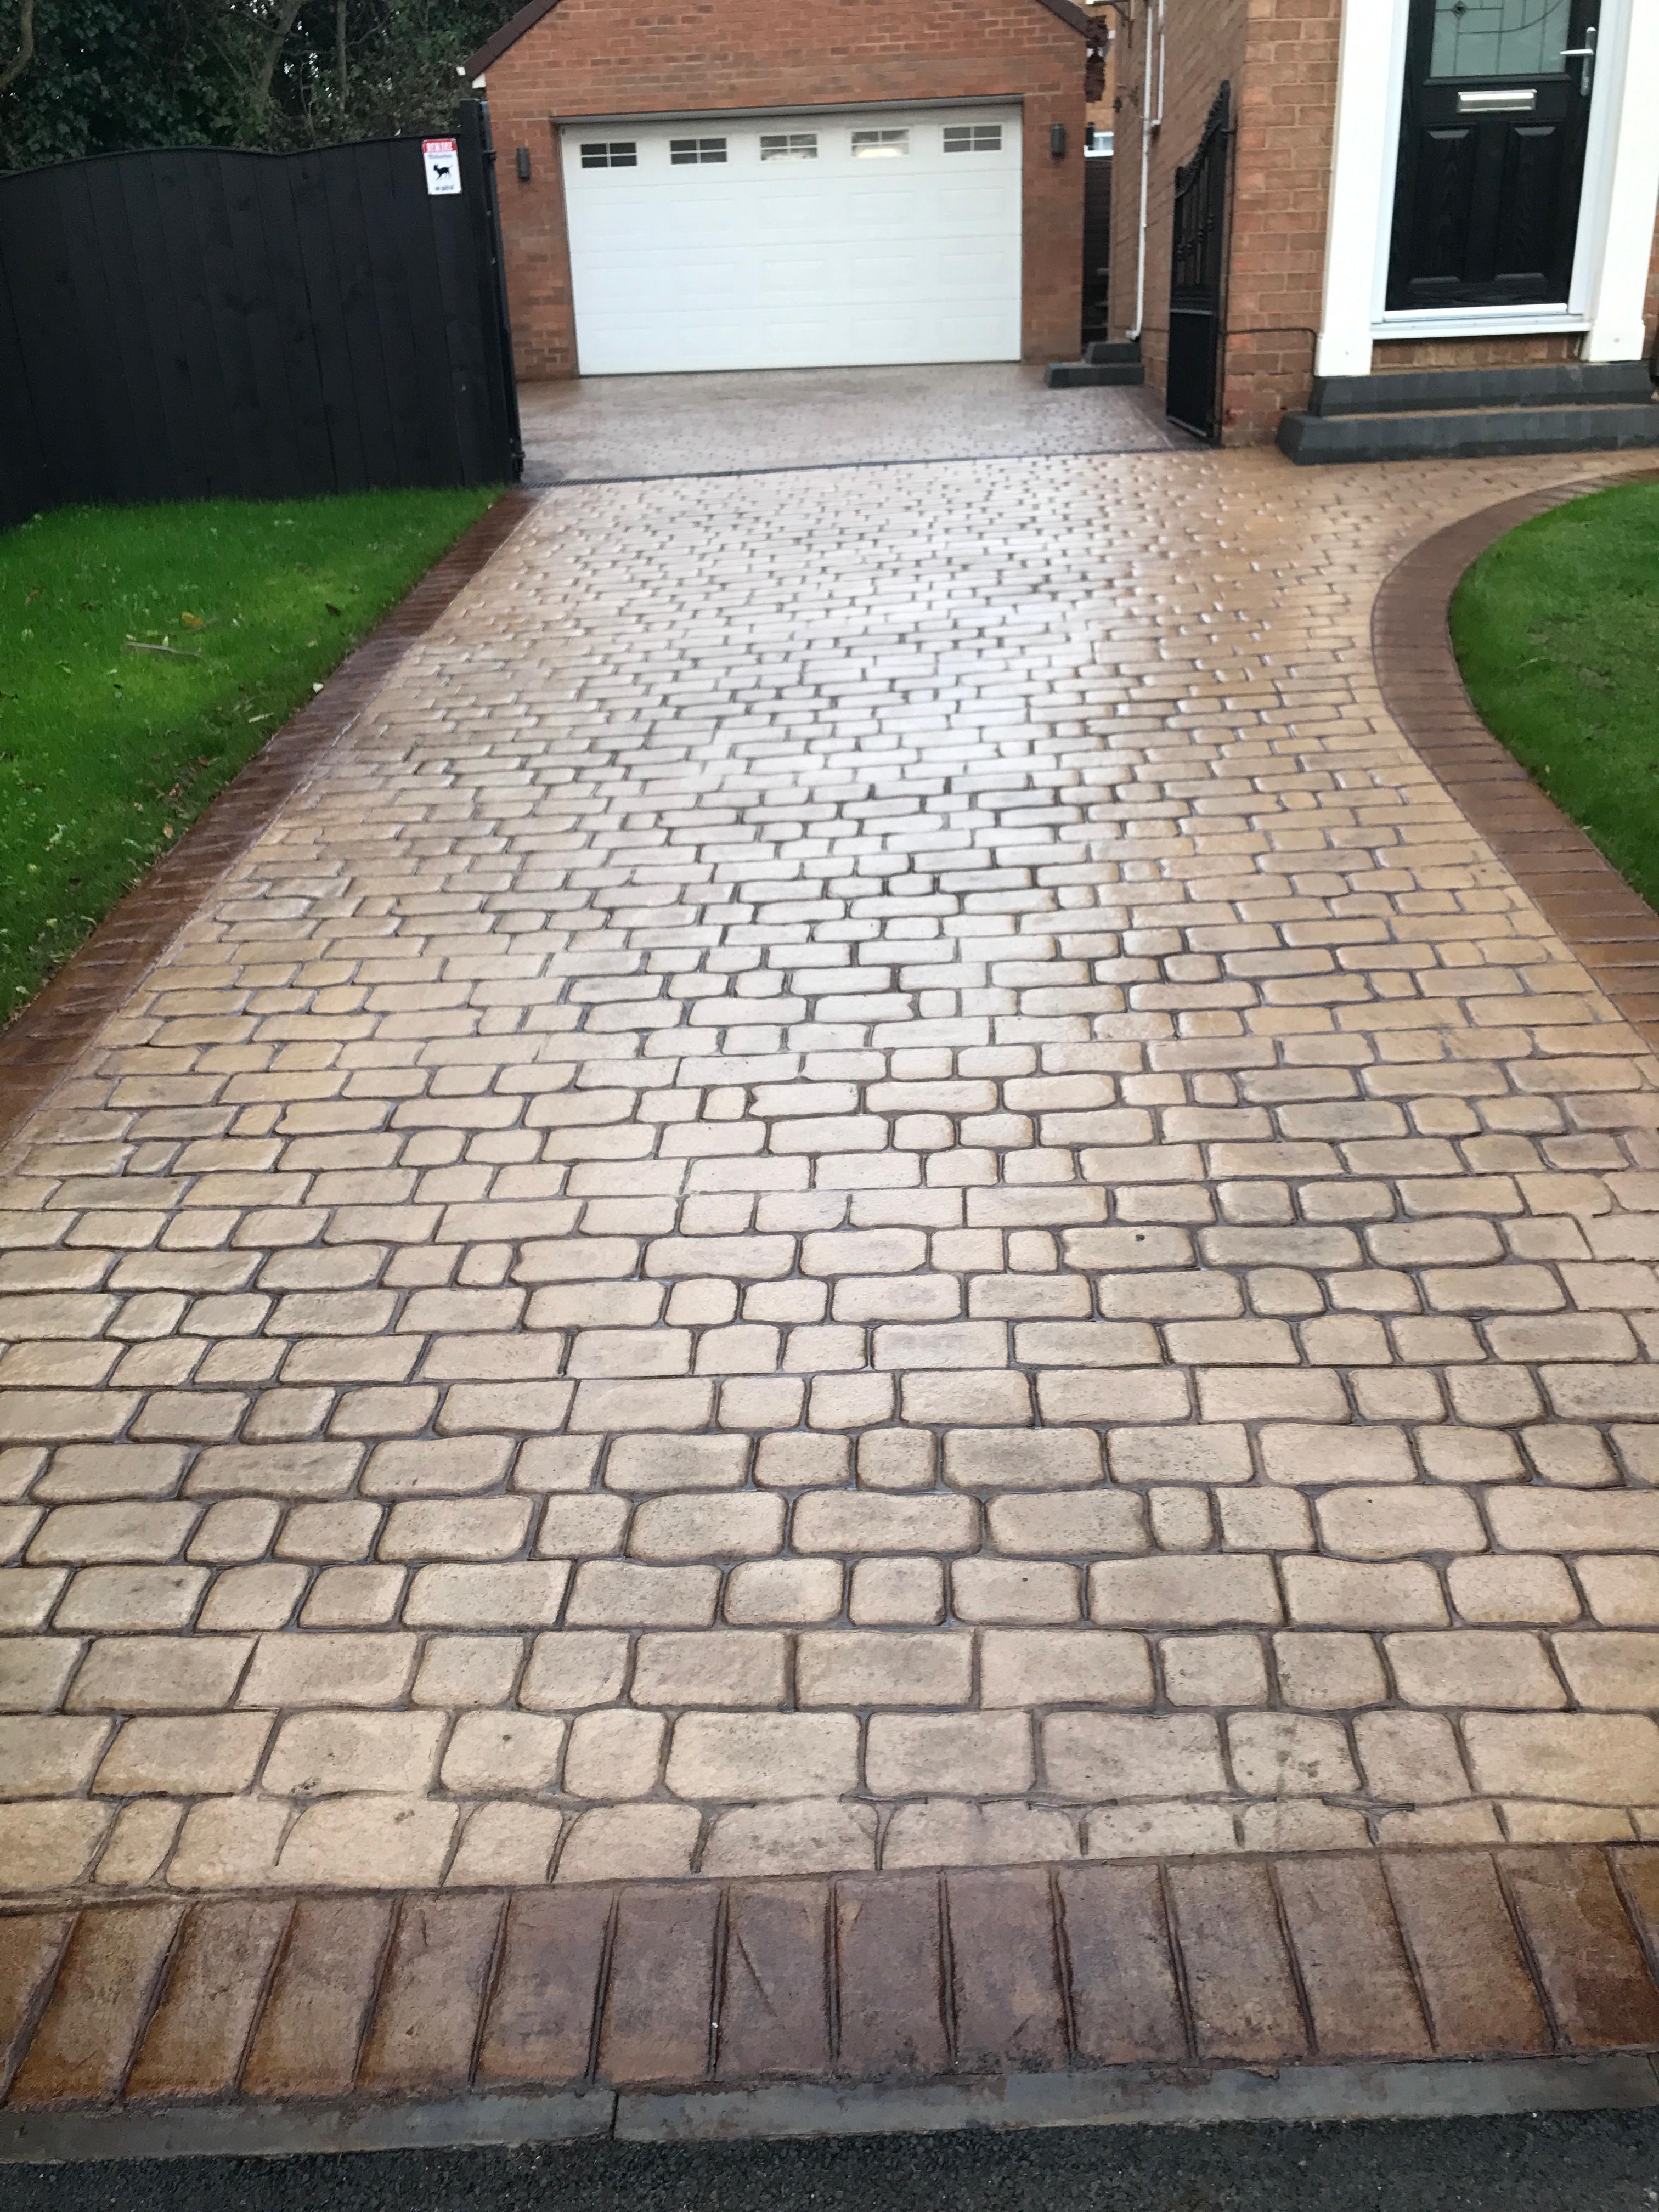 1 Imprint Concrete Driveway Installations Redcar – Concrete